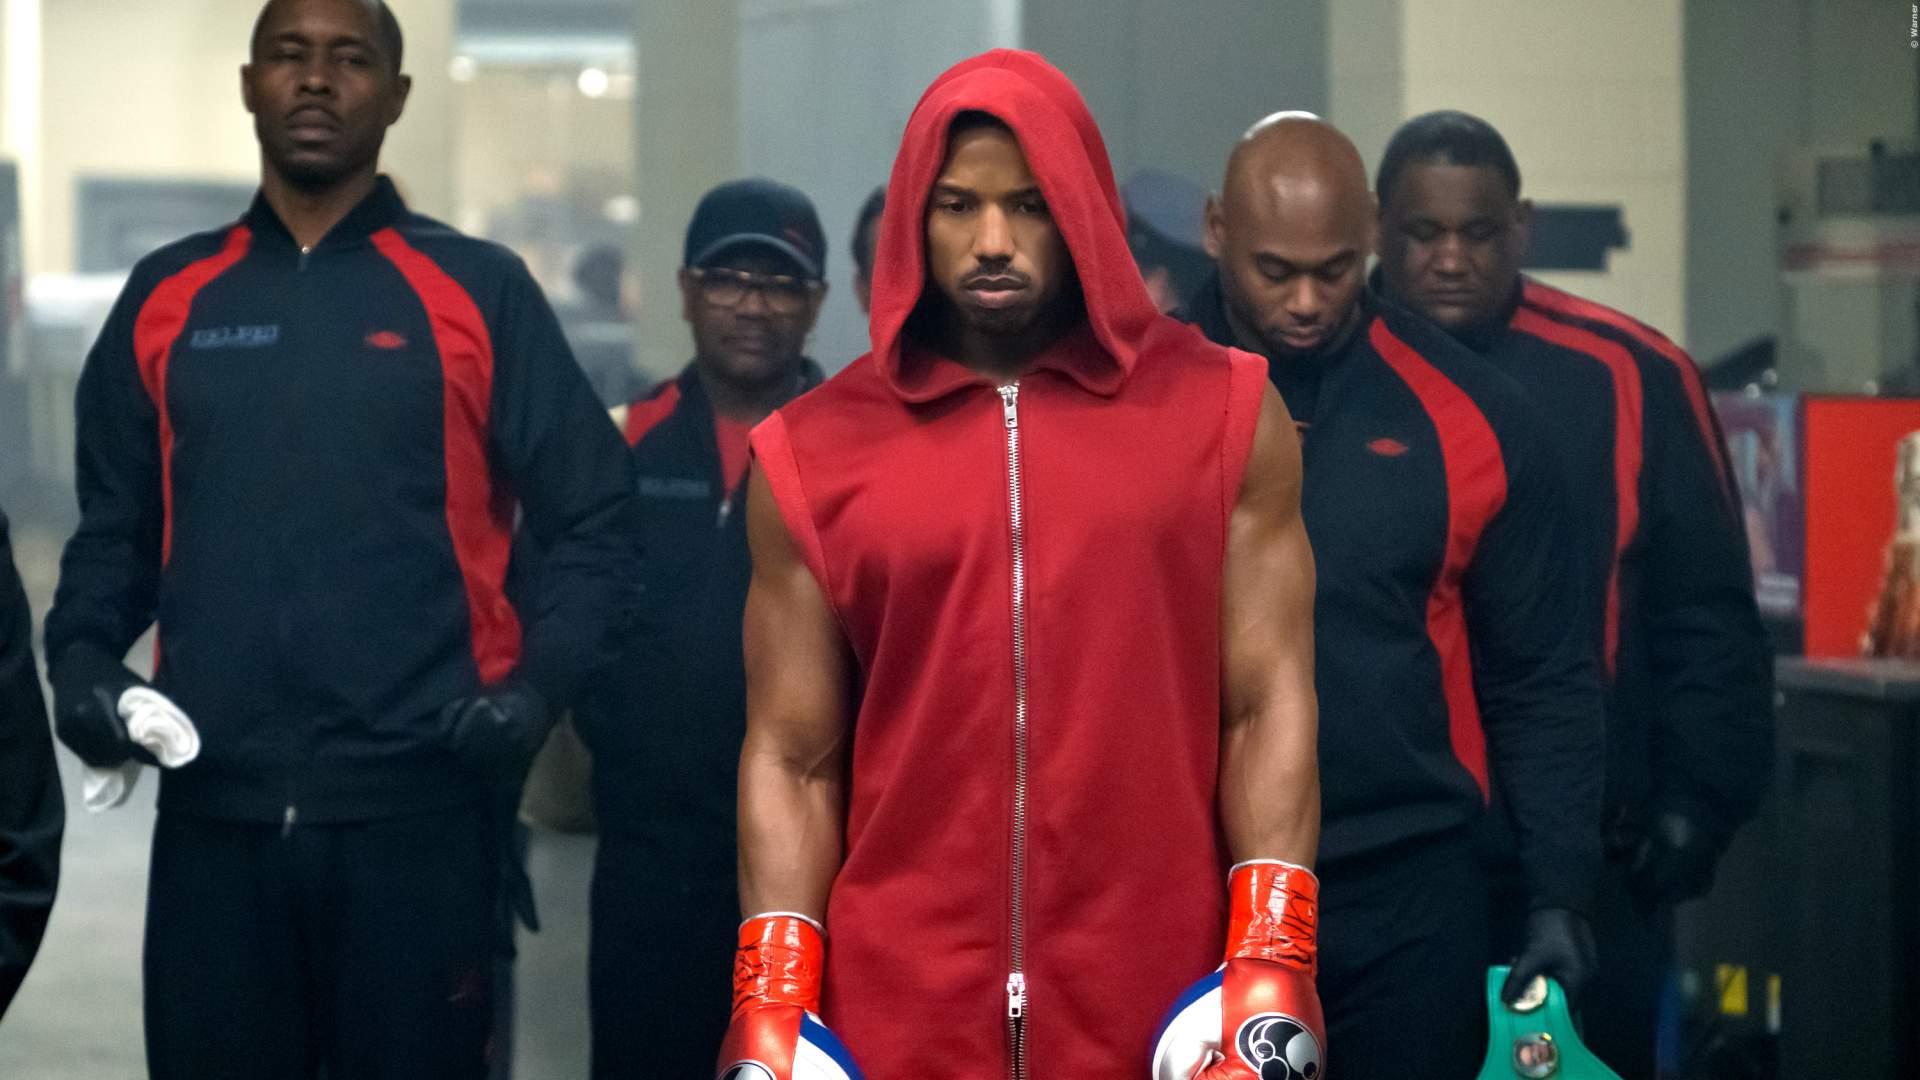 Creed 2: Erste offizielle Bilder mit Rocky Balboa - Bild 1 von 2